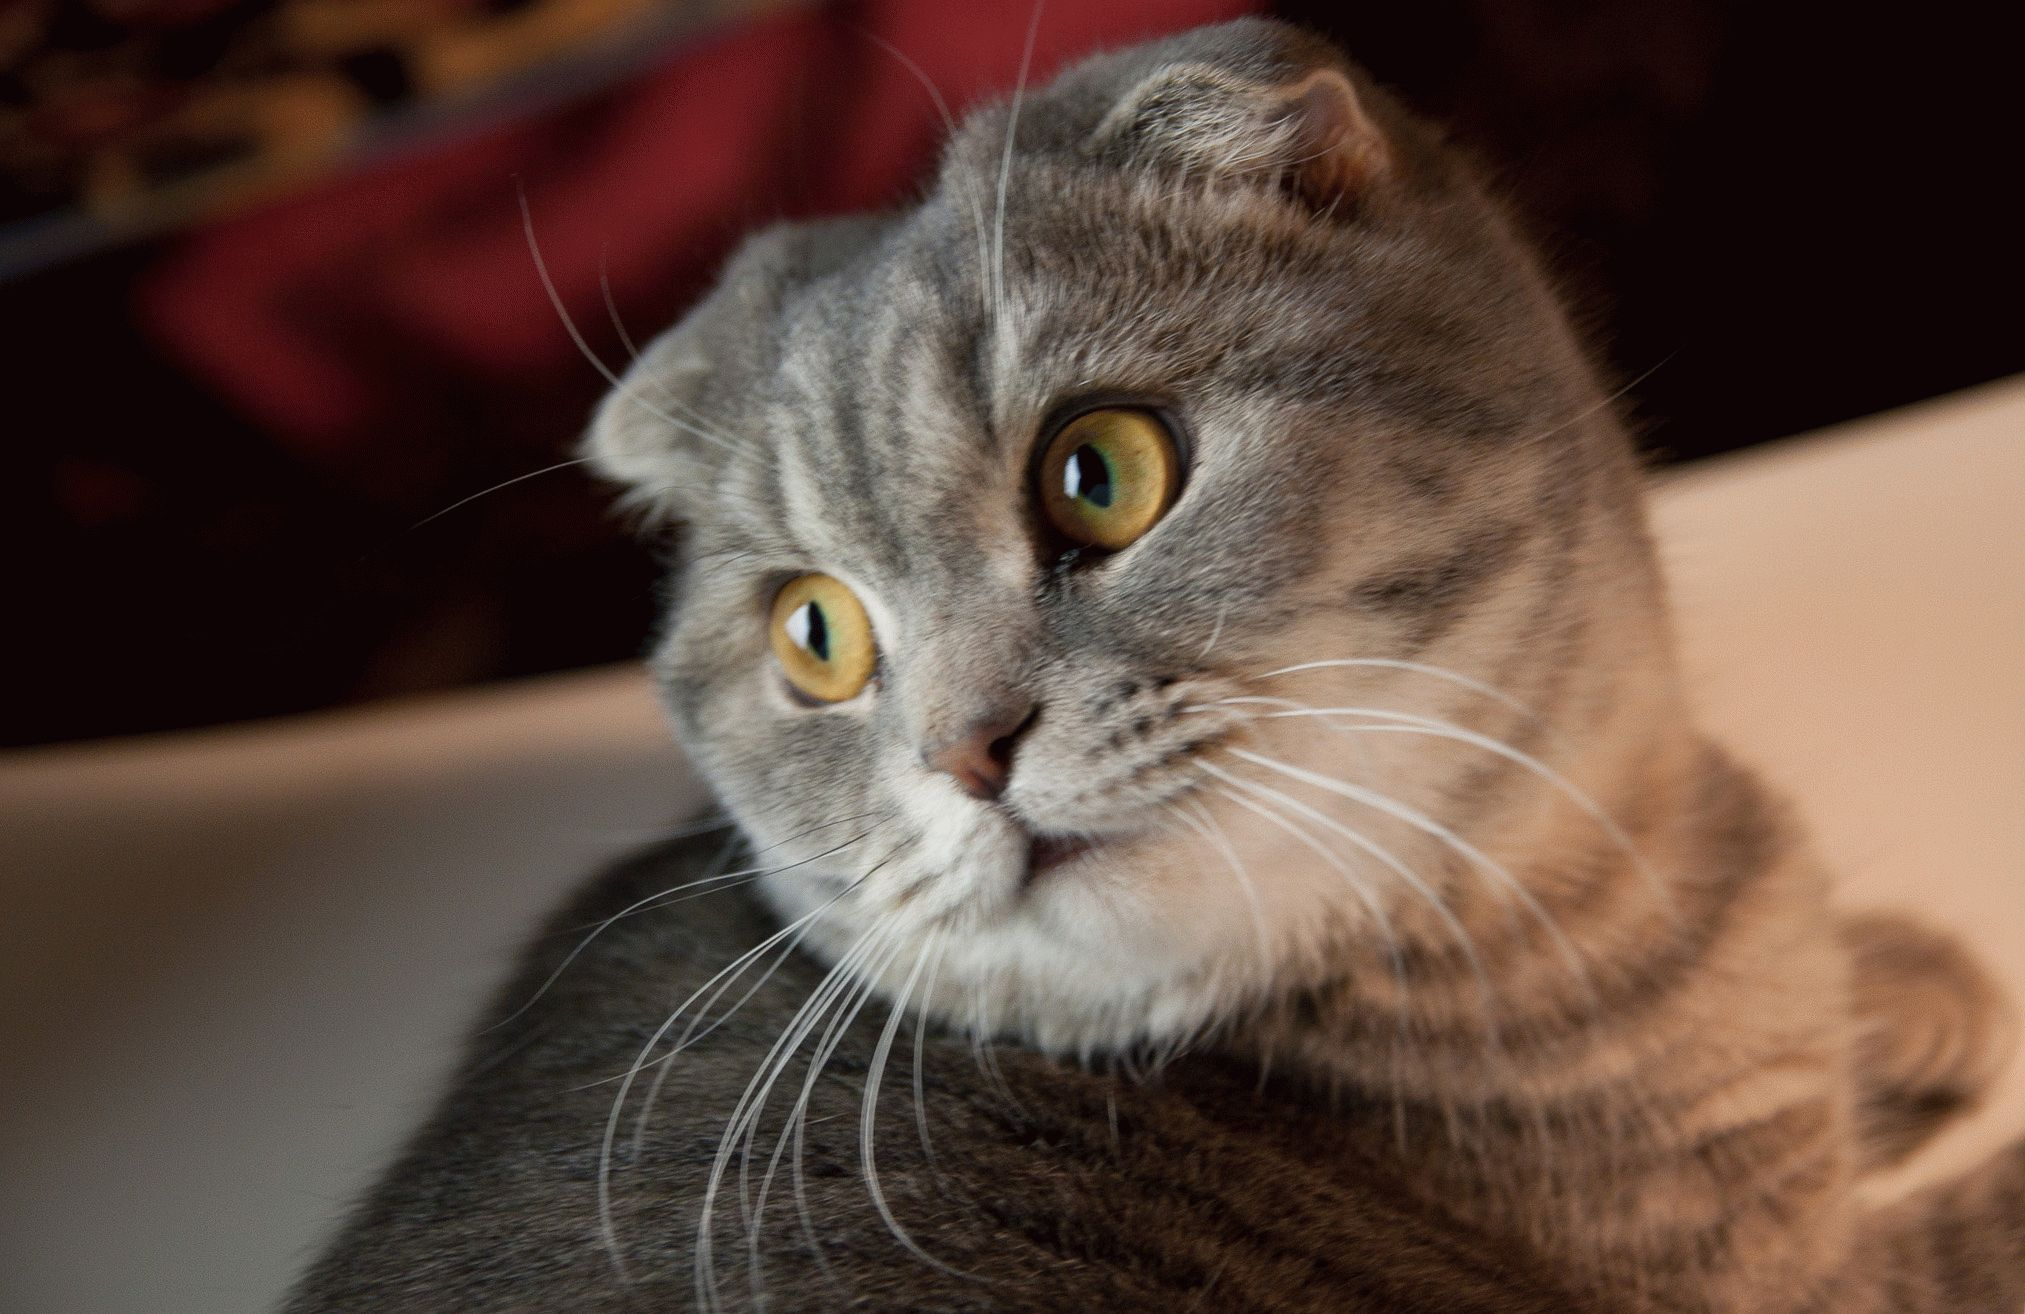 вислоухие шотландские кошки картинки